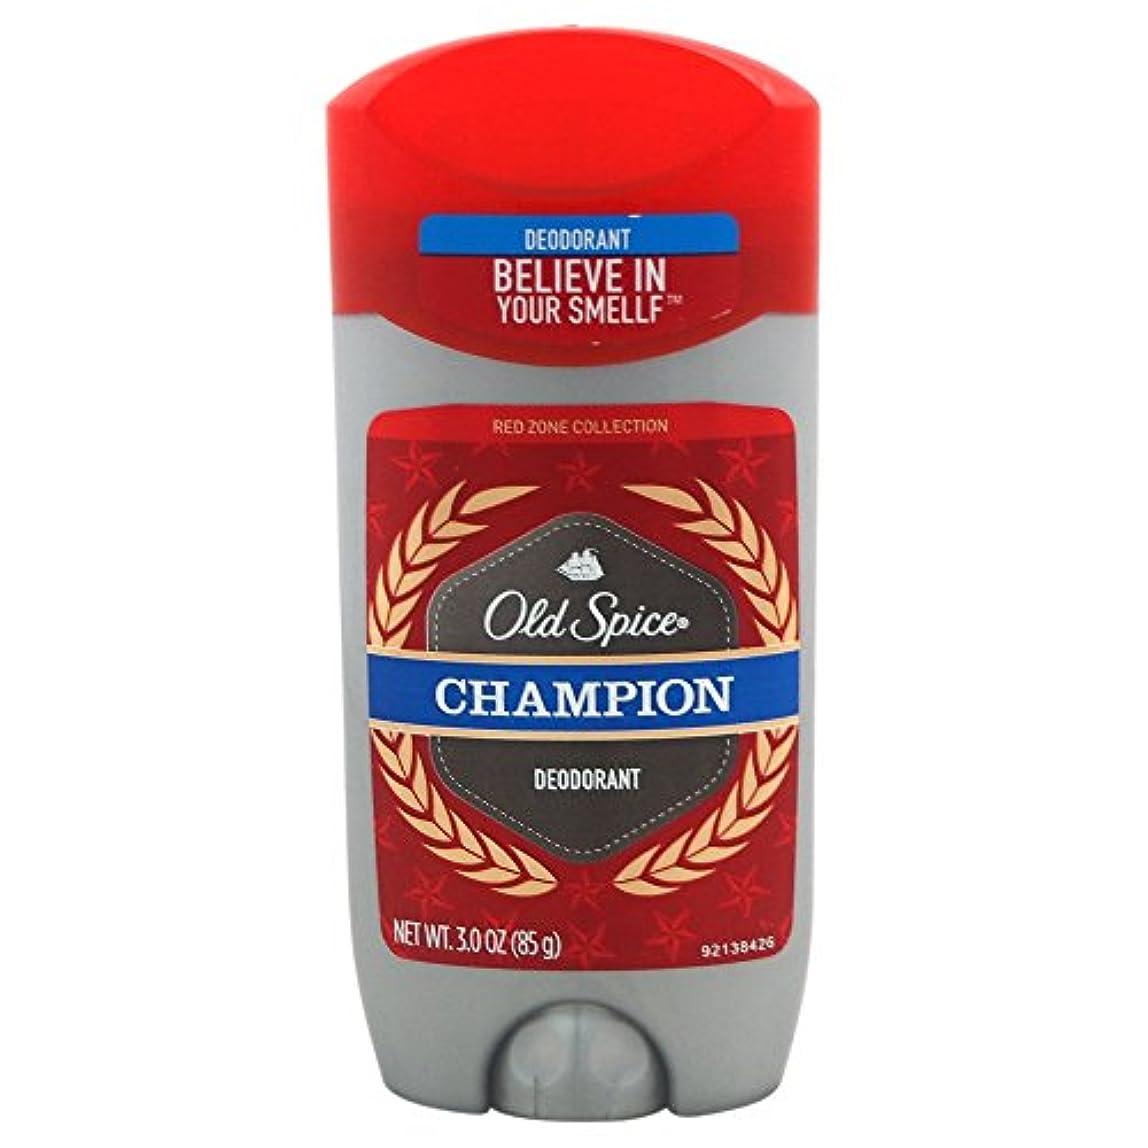 フレア飛躍麻酔薬オールドスパイス(Old Spice) Deodorant デオドラント Red zone CHAMPION/チャンピョン 85g[並行輸入品]